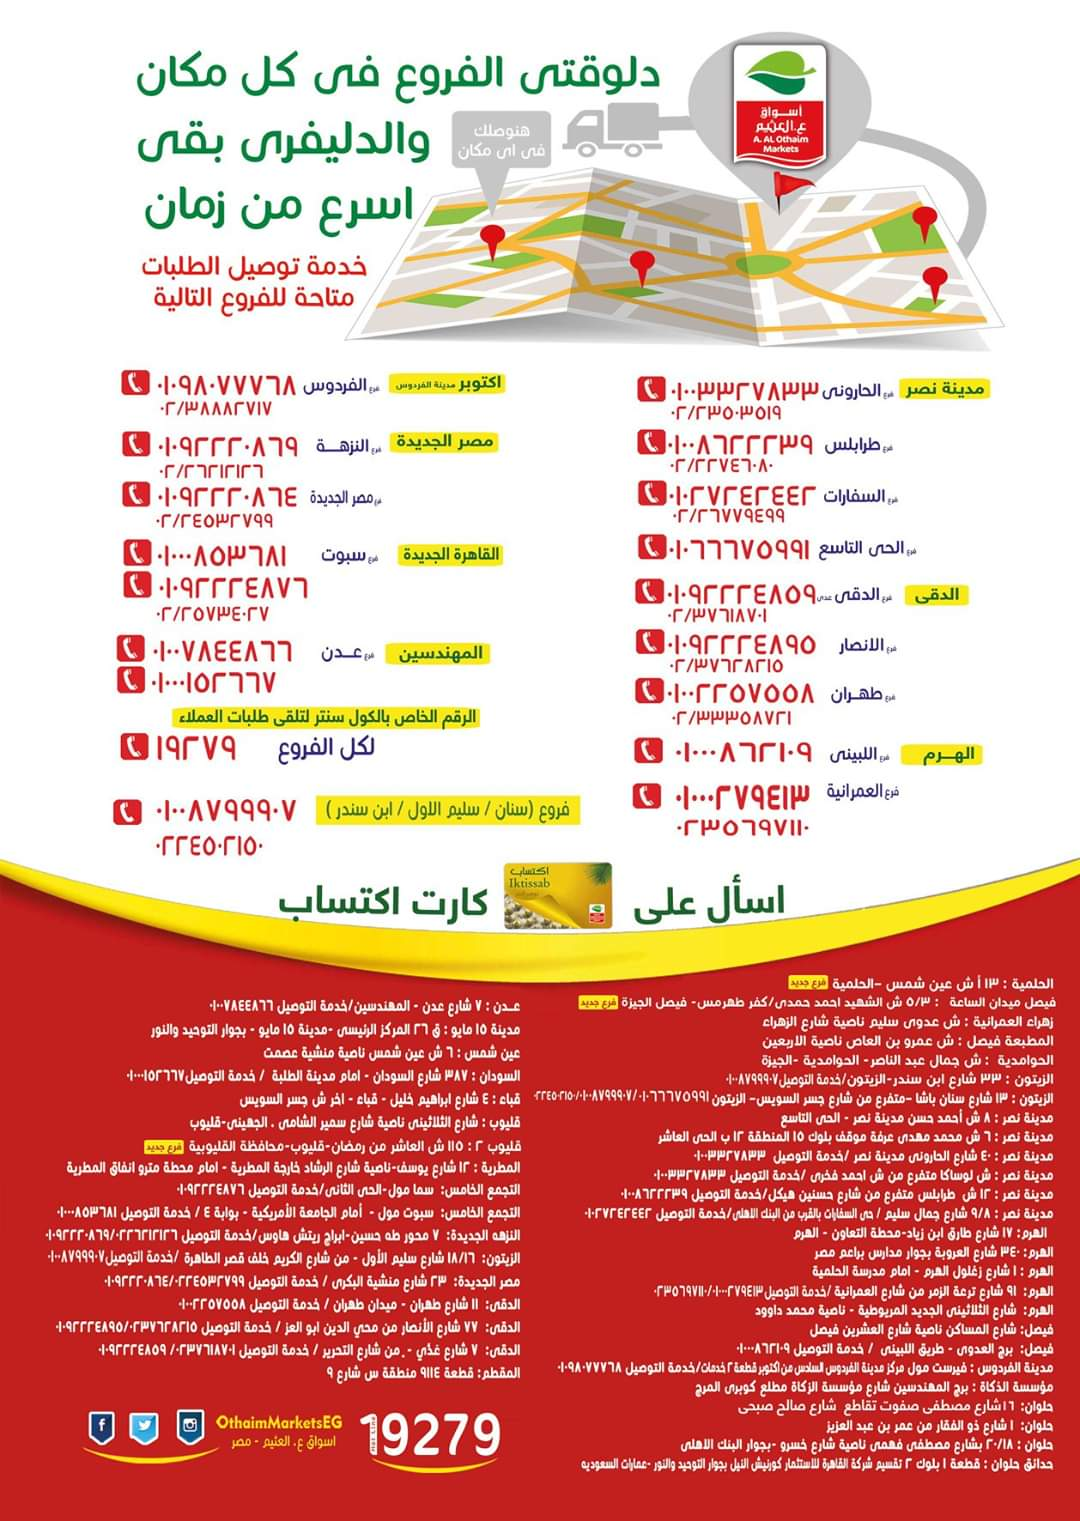 عروض اسواق العثيم مصر من 1 فبراير حتى 15 فبراير 2020 يابلاش